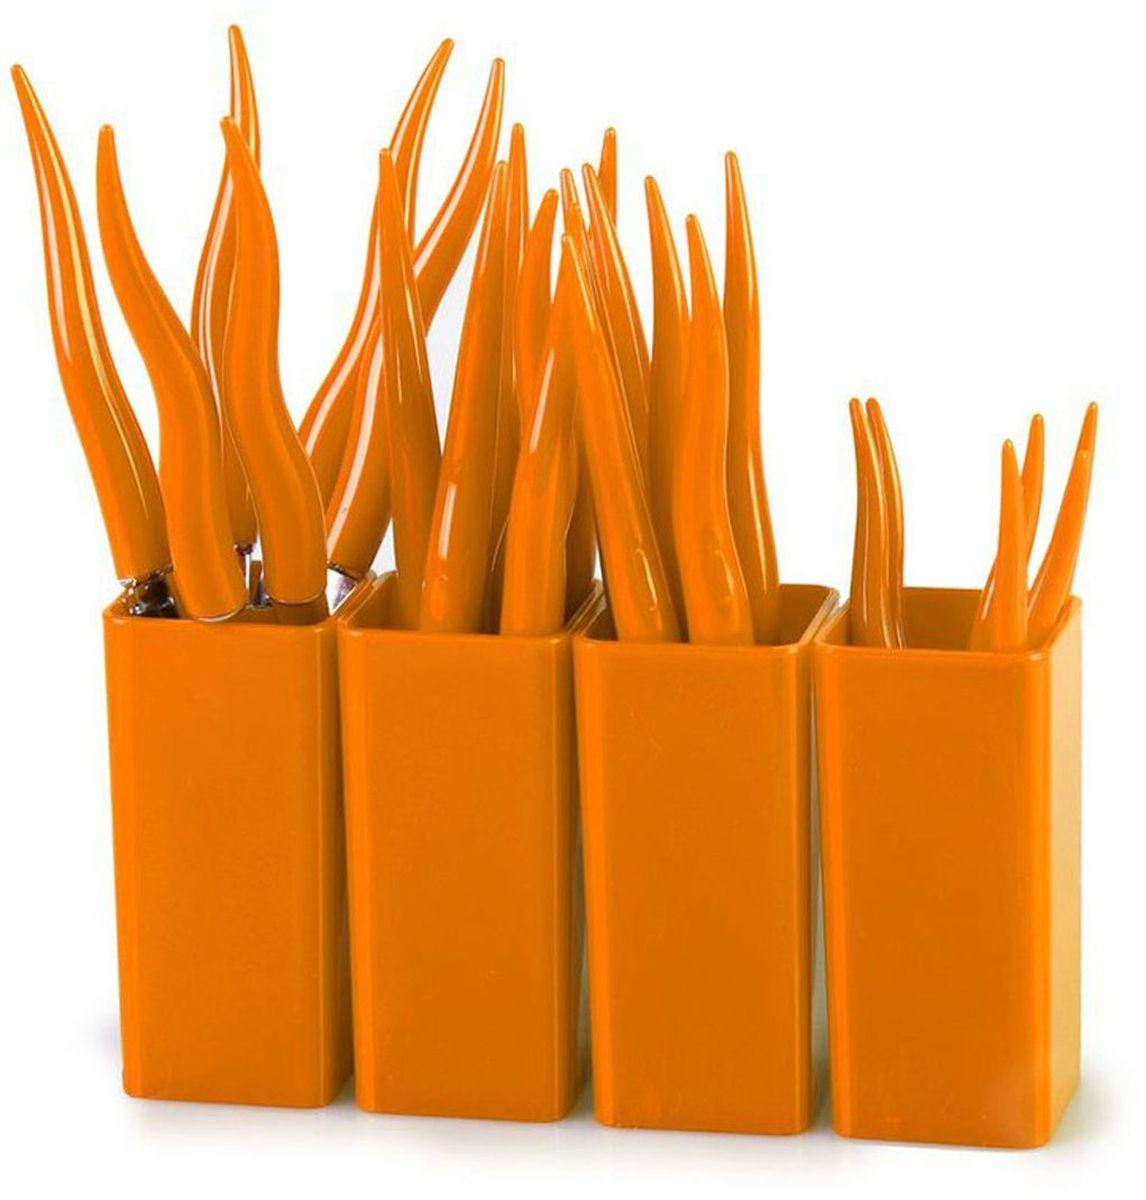 Набор столовых приборов MOULINvilla Chili, цвет: оранжевый, 24 предмета